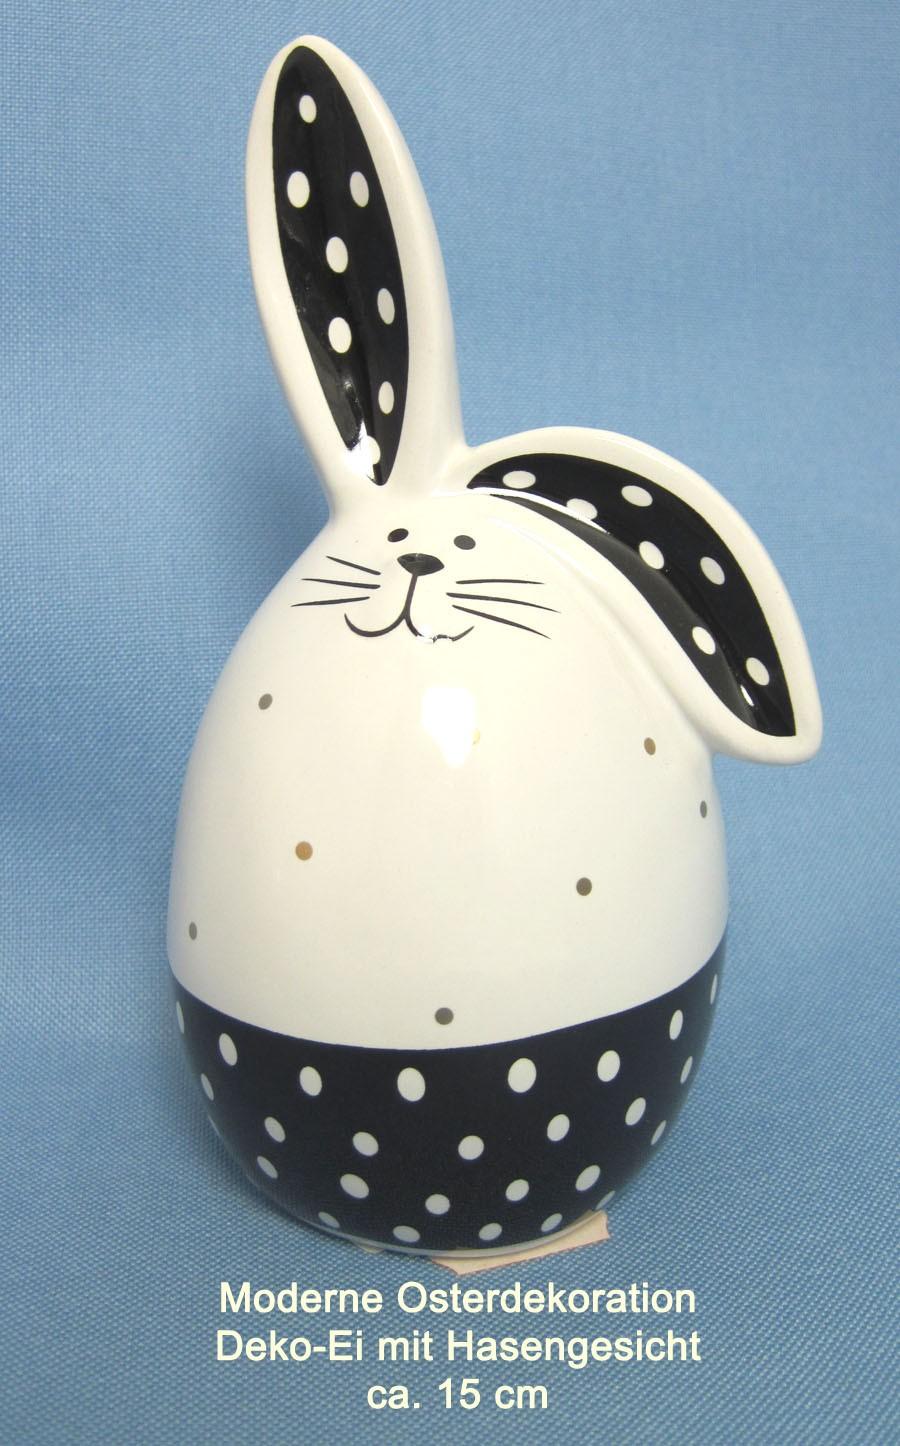 Keramik Deko-Ei ca. 15 cm schwarz-weiss mit Hasengesicht